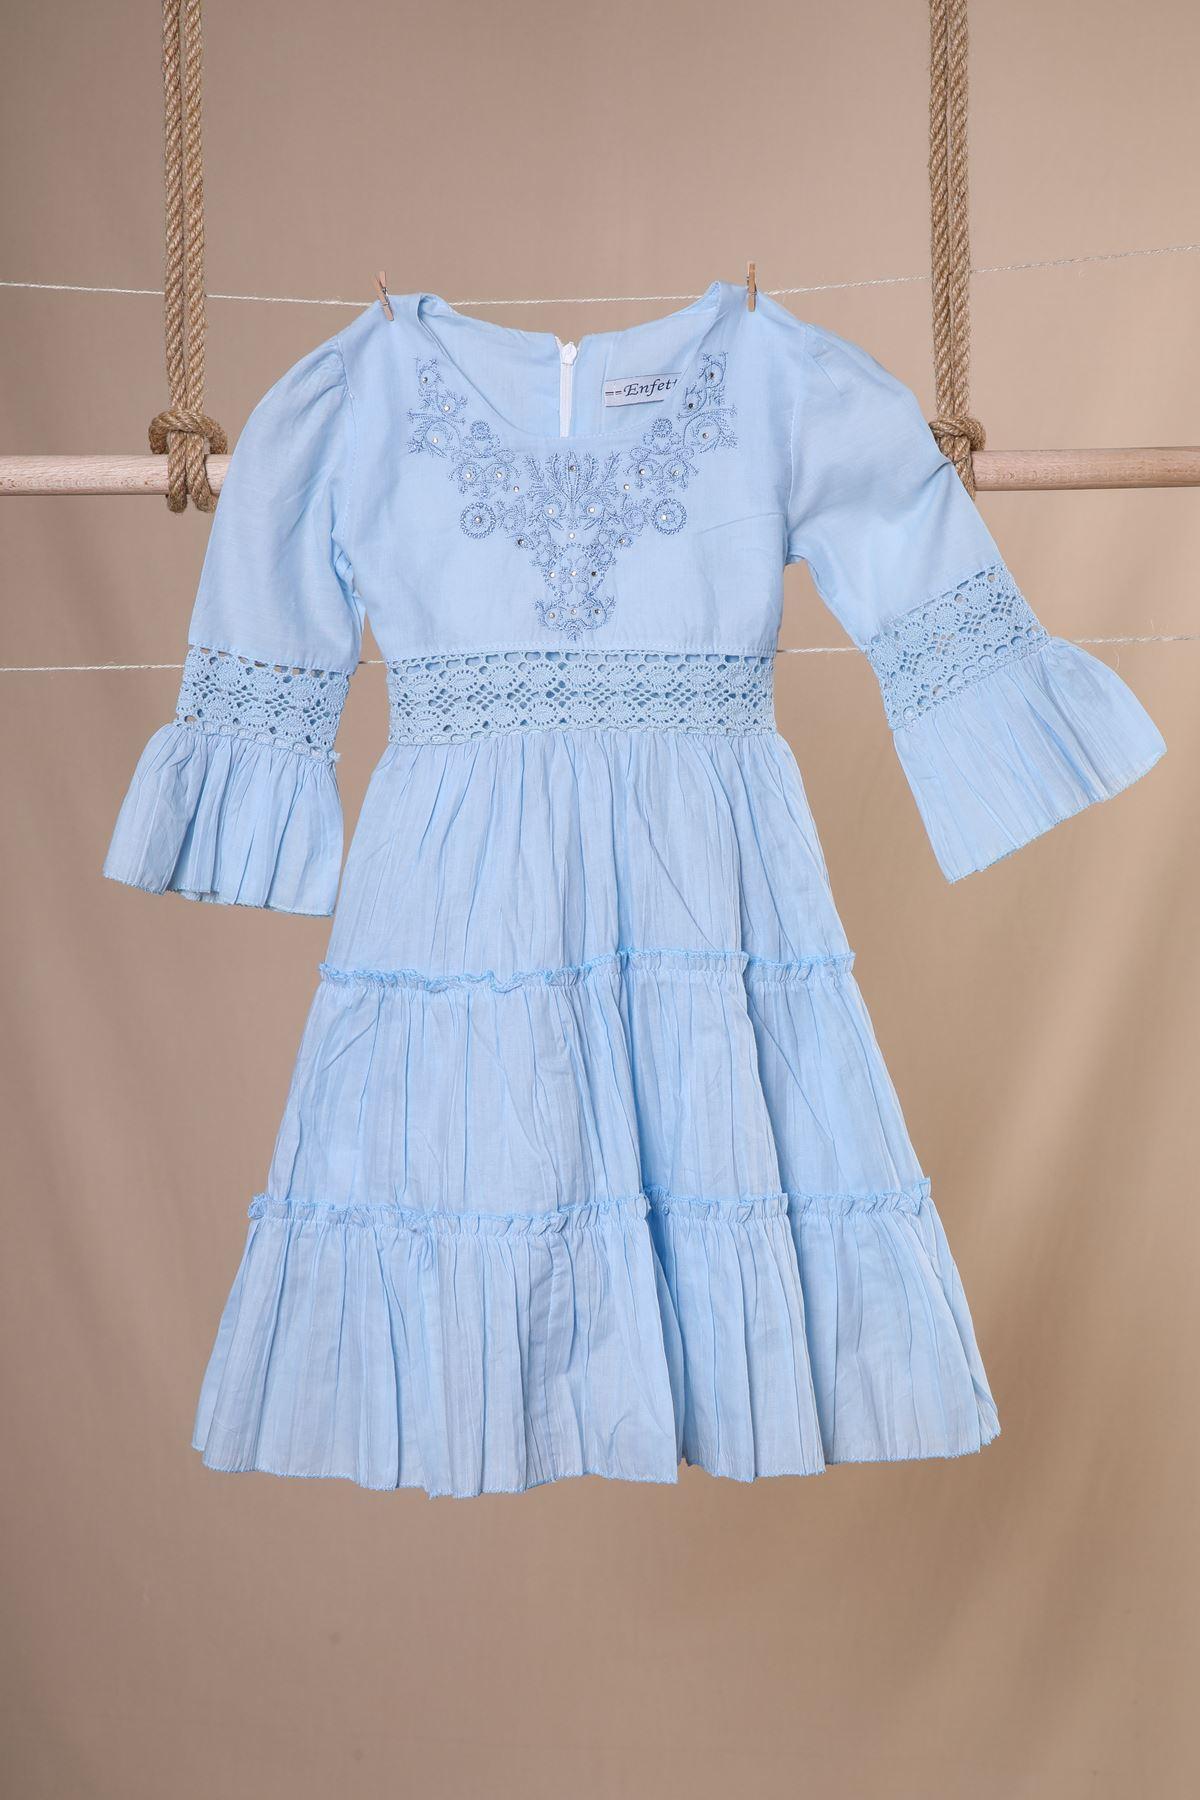 Fakir Kol Nakışlı Elbise